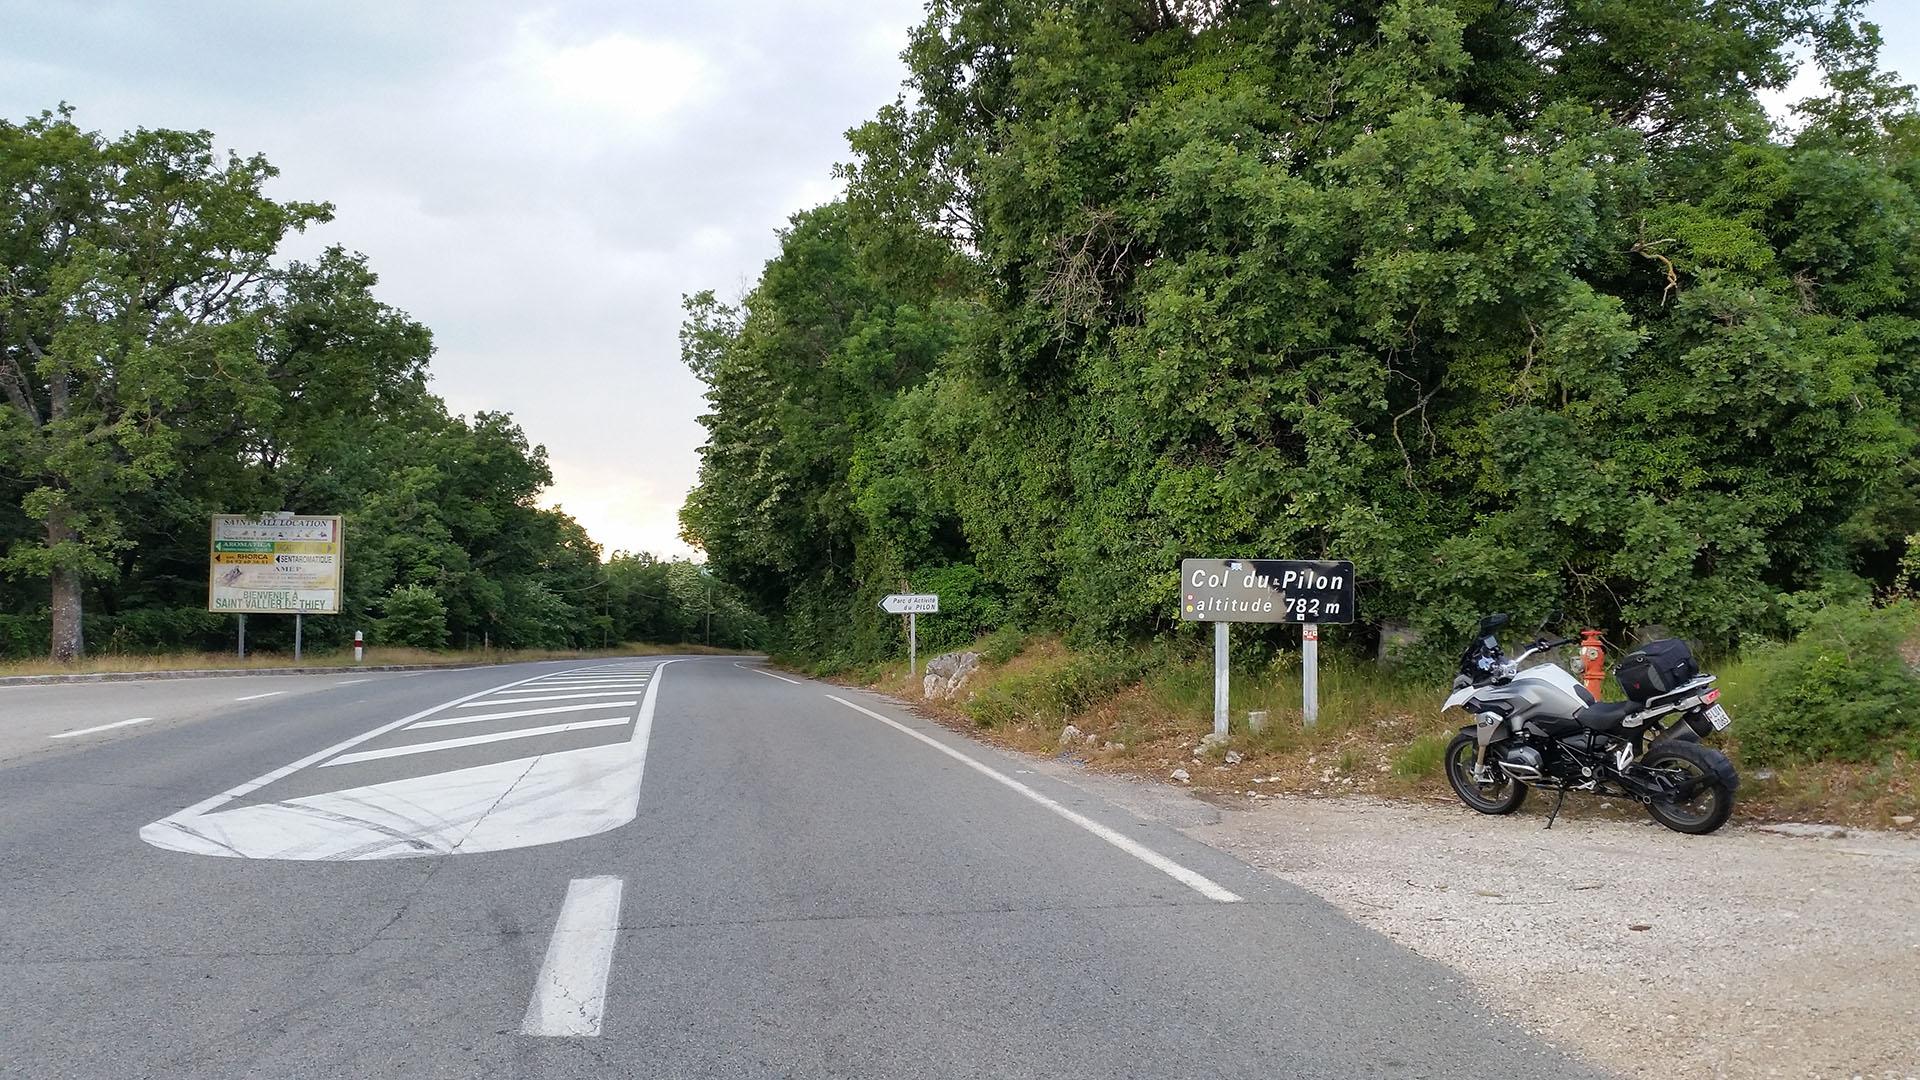 0782 - F - Col du Pilon